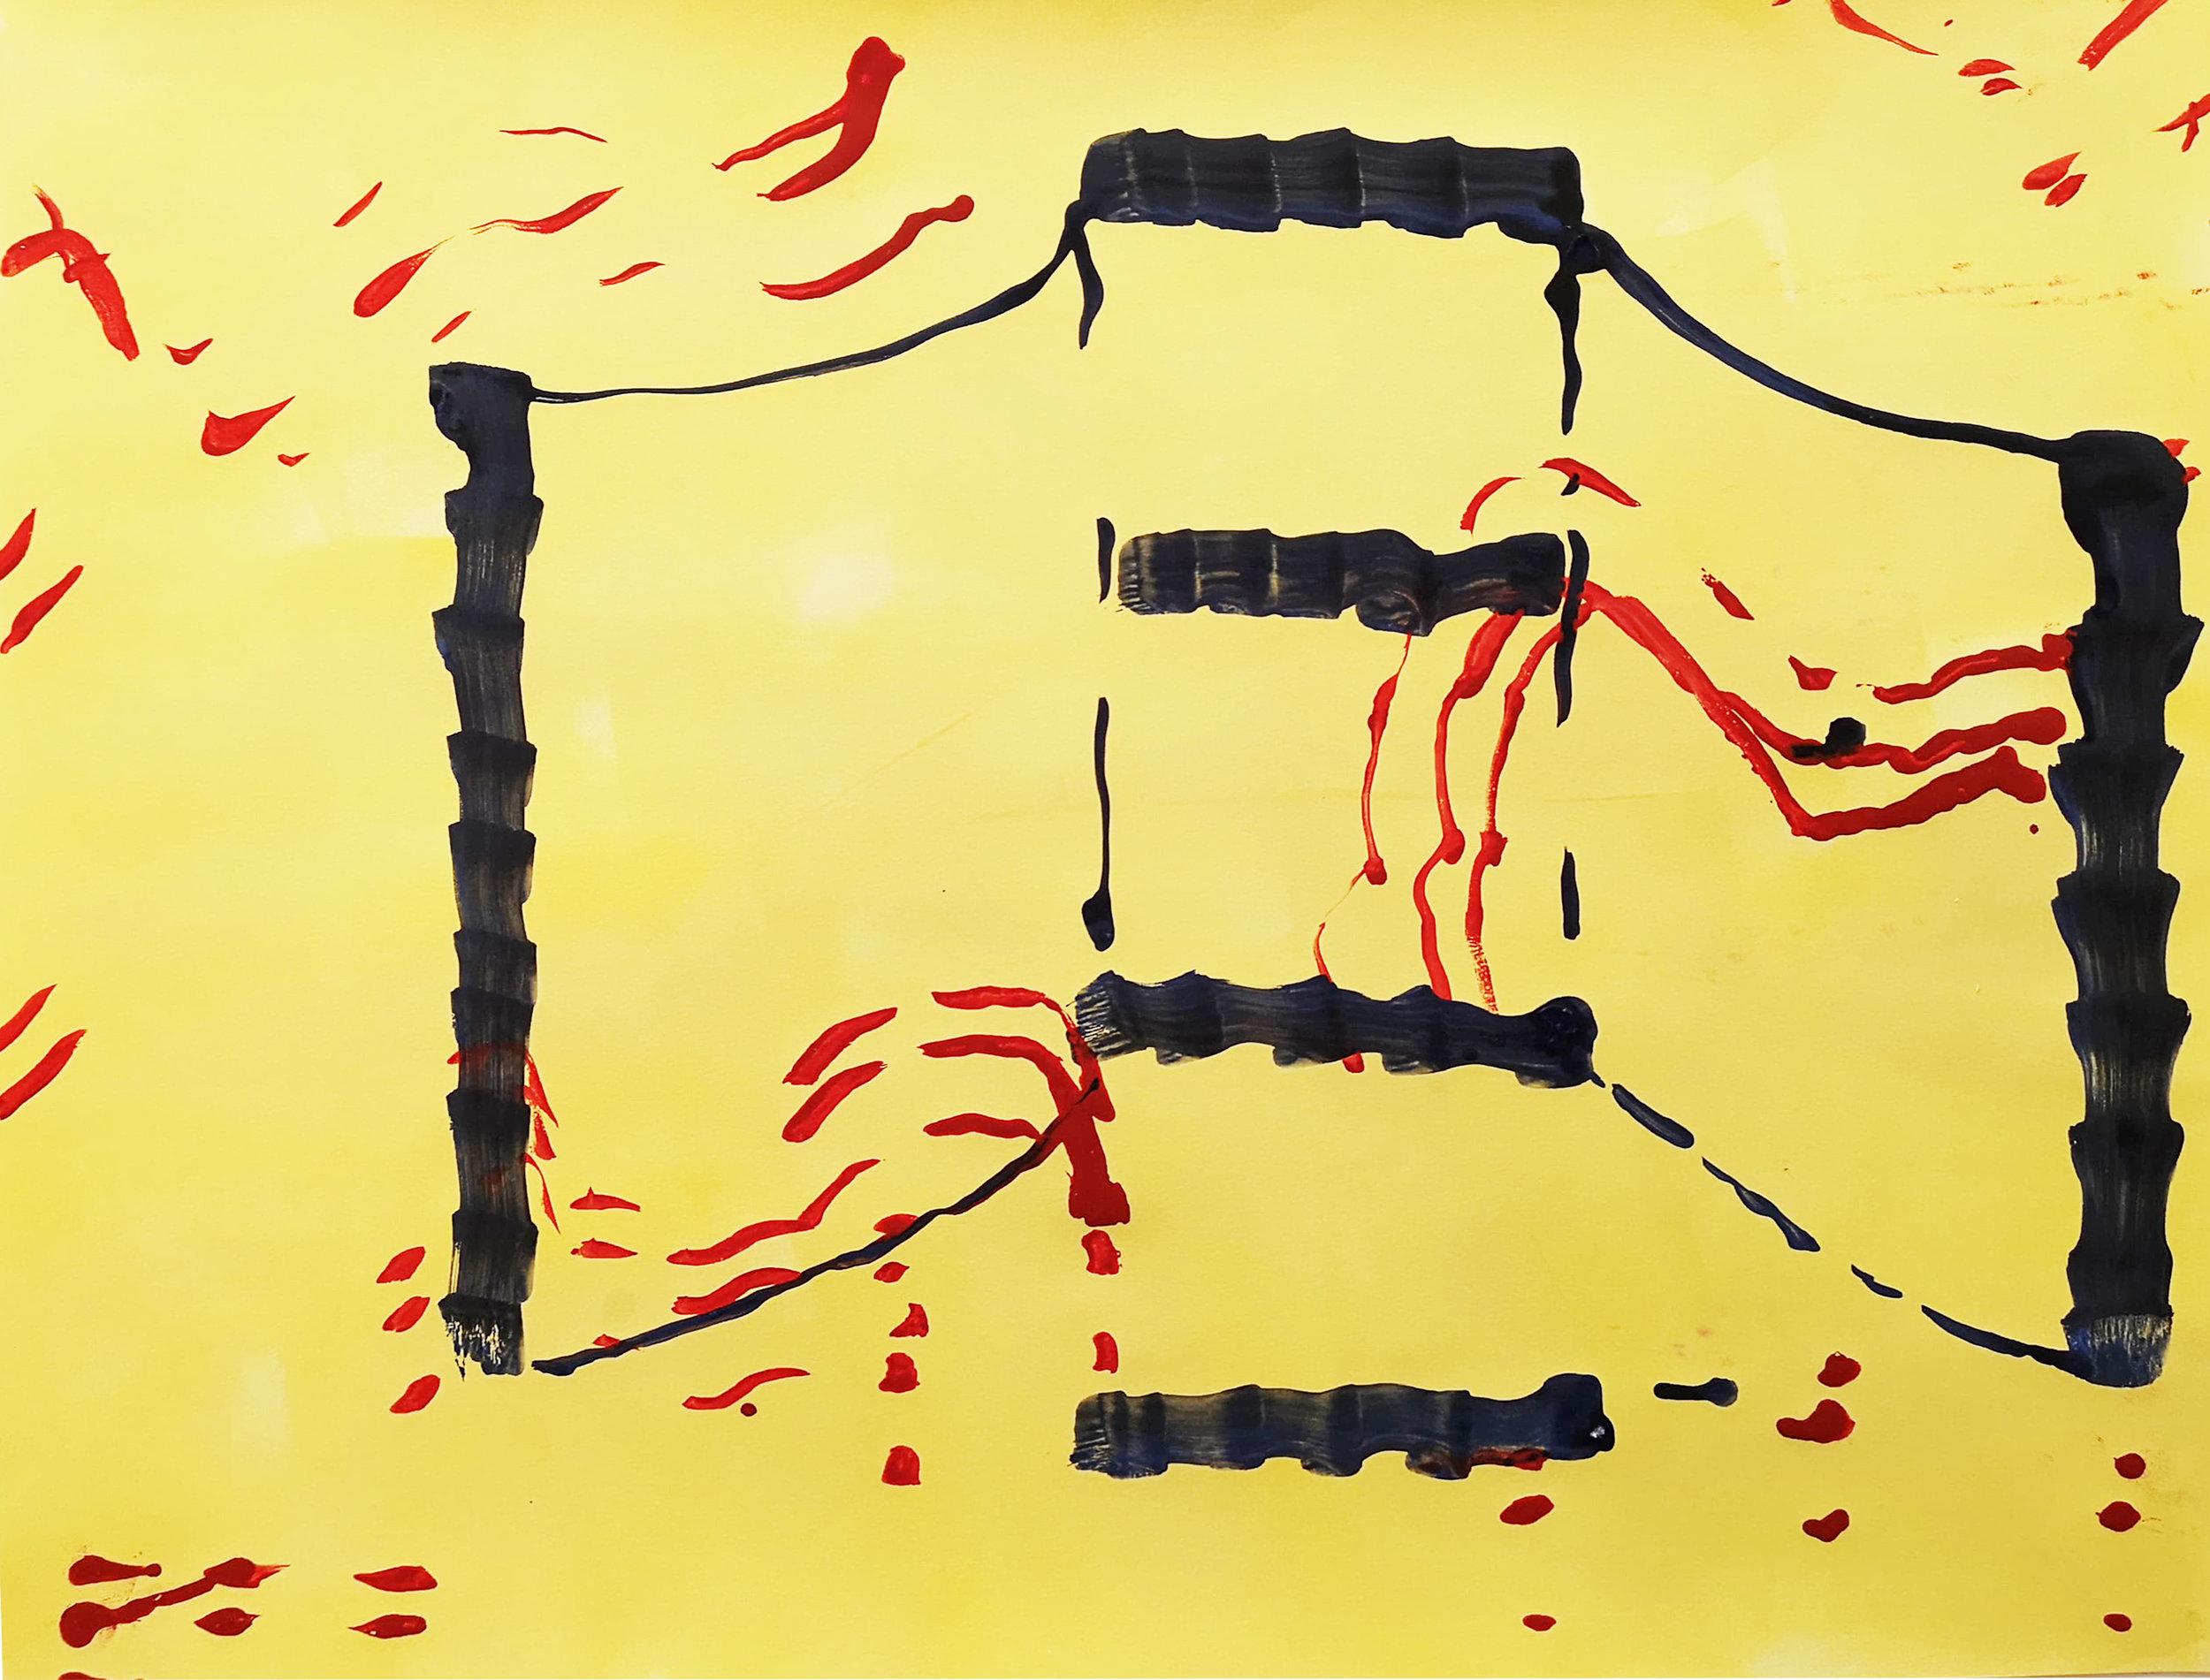 yifat gat yellow 24.jpg